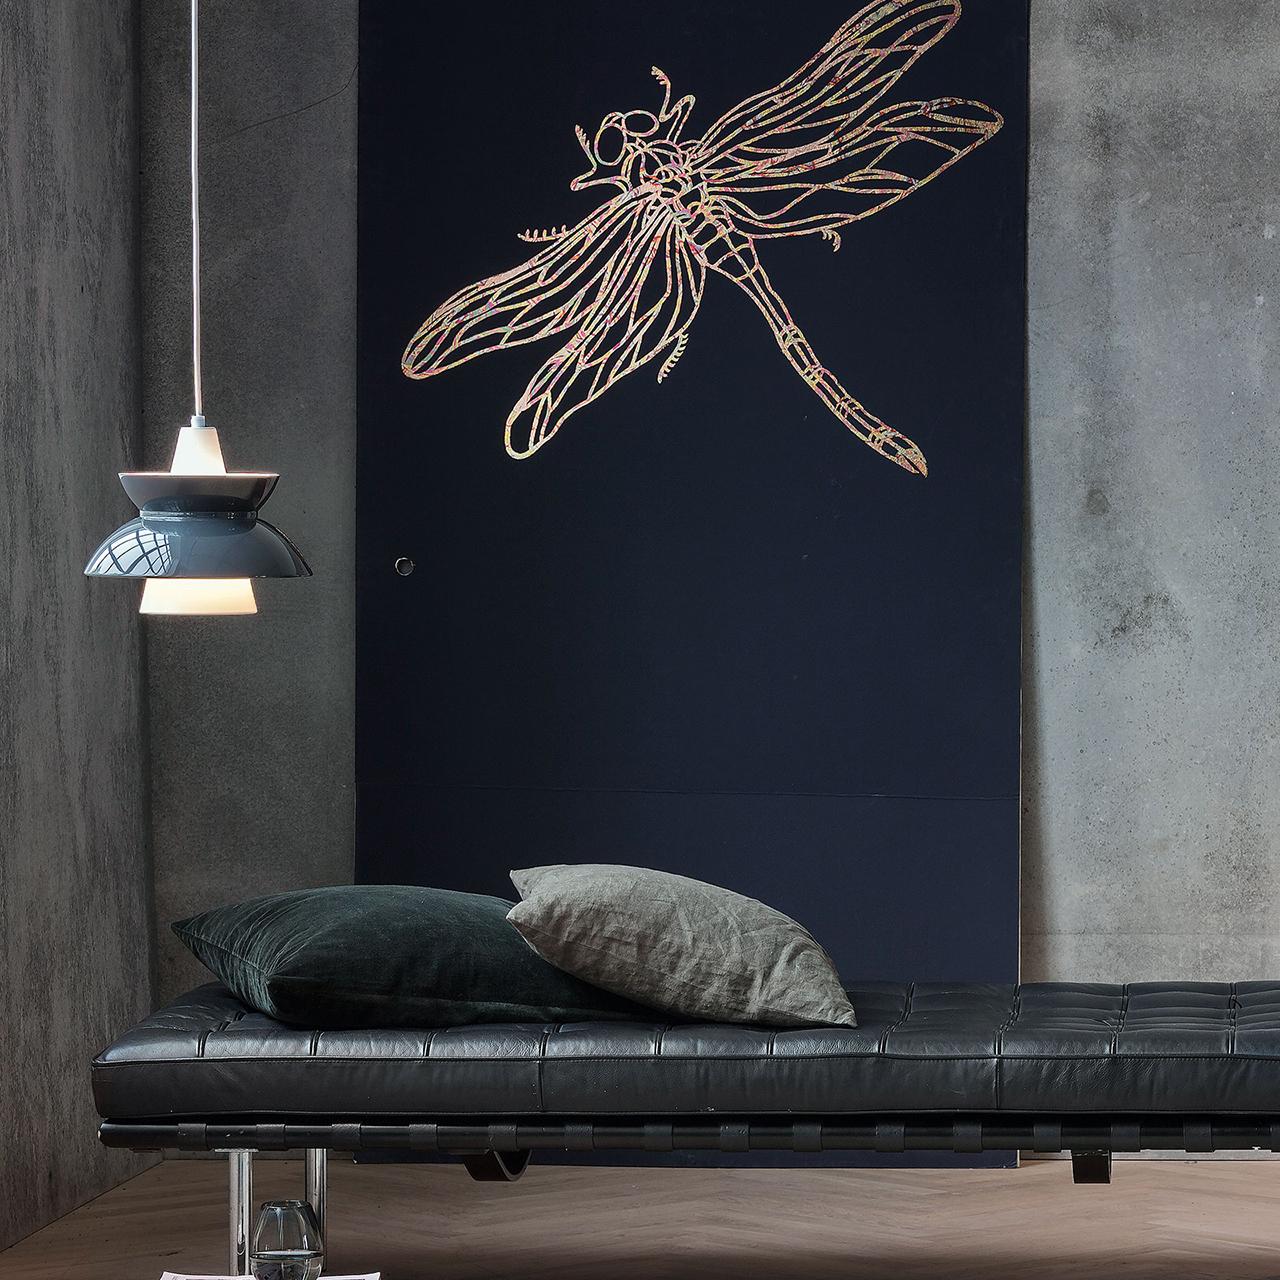 lichtraum24-shop-leuchten-pendelleuchte-doo-wop-interior57d7ec904ae59